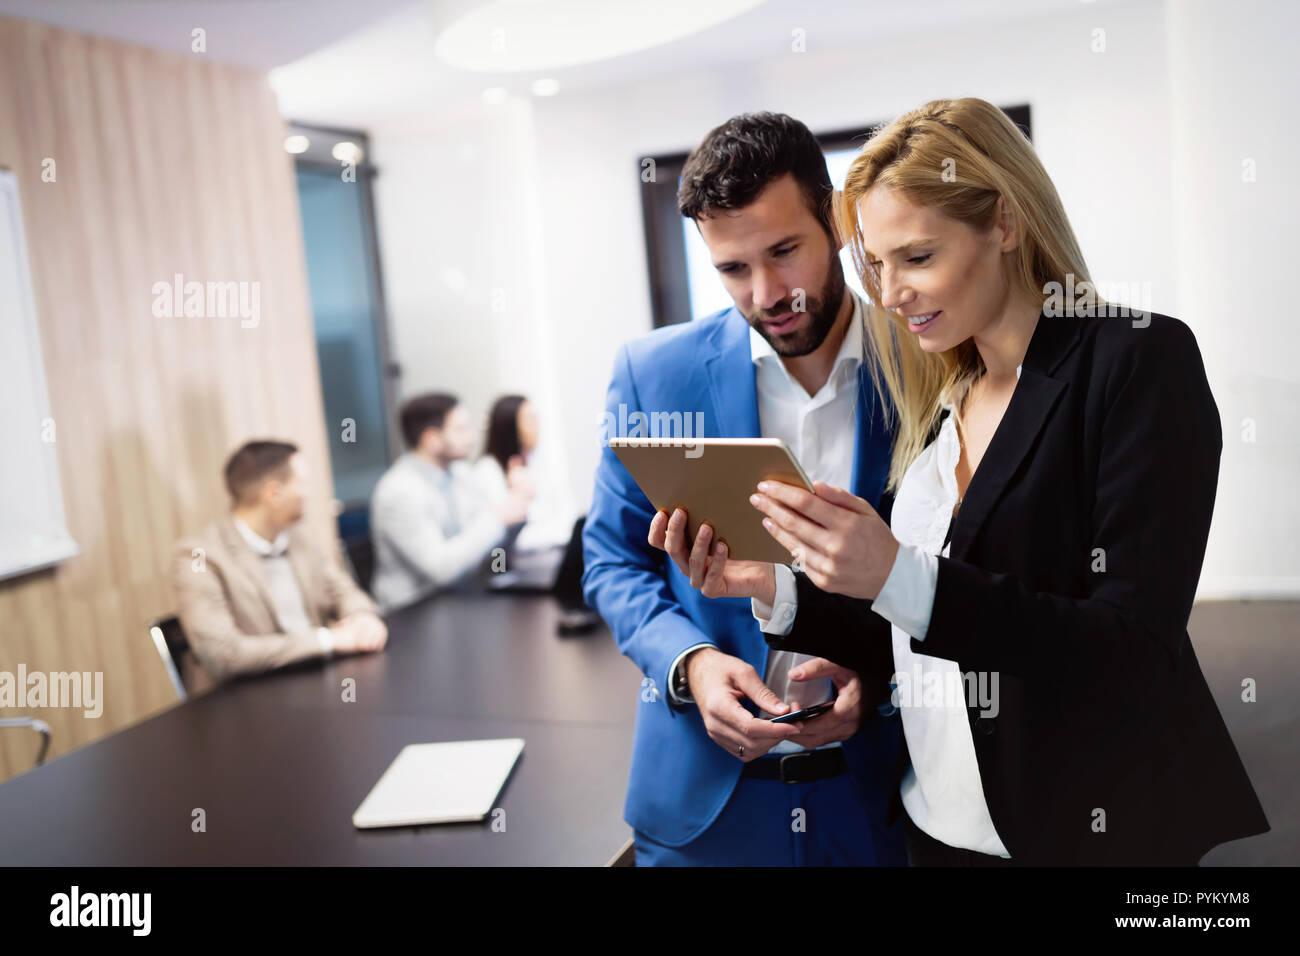 Negocio atractivo pareja utilizando tablet en su empresa Imagen De Stock